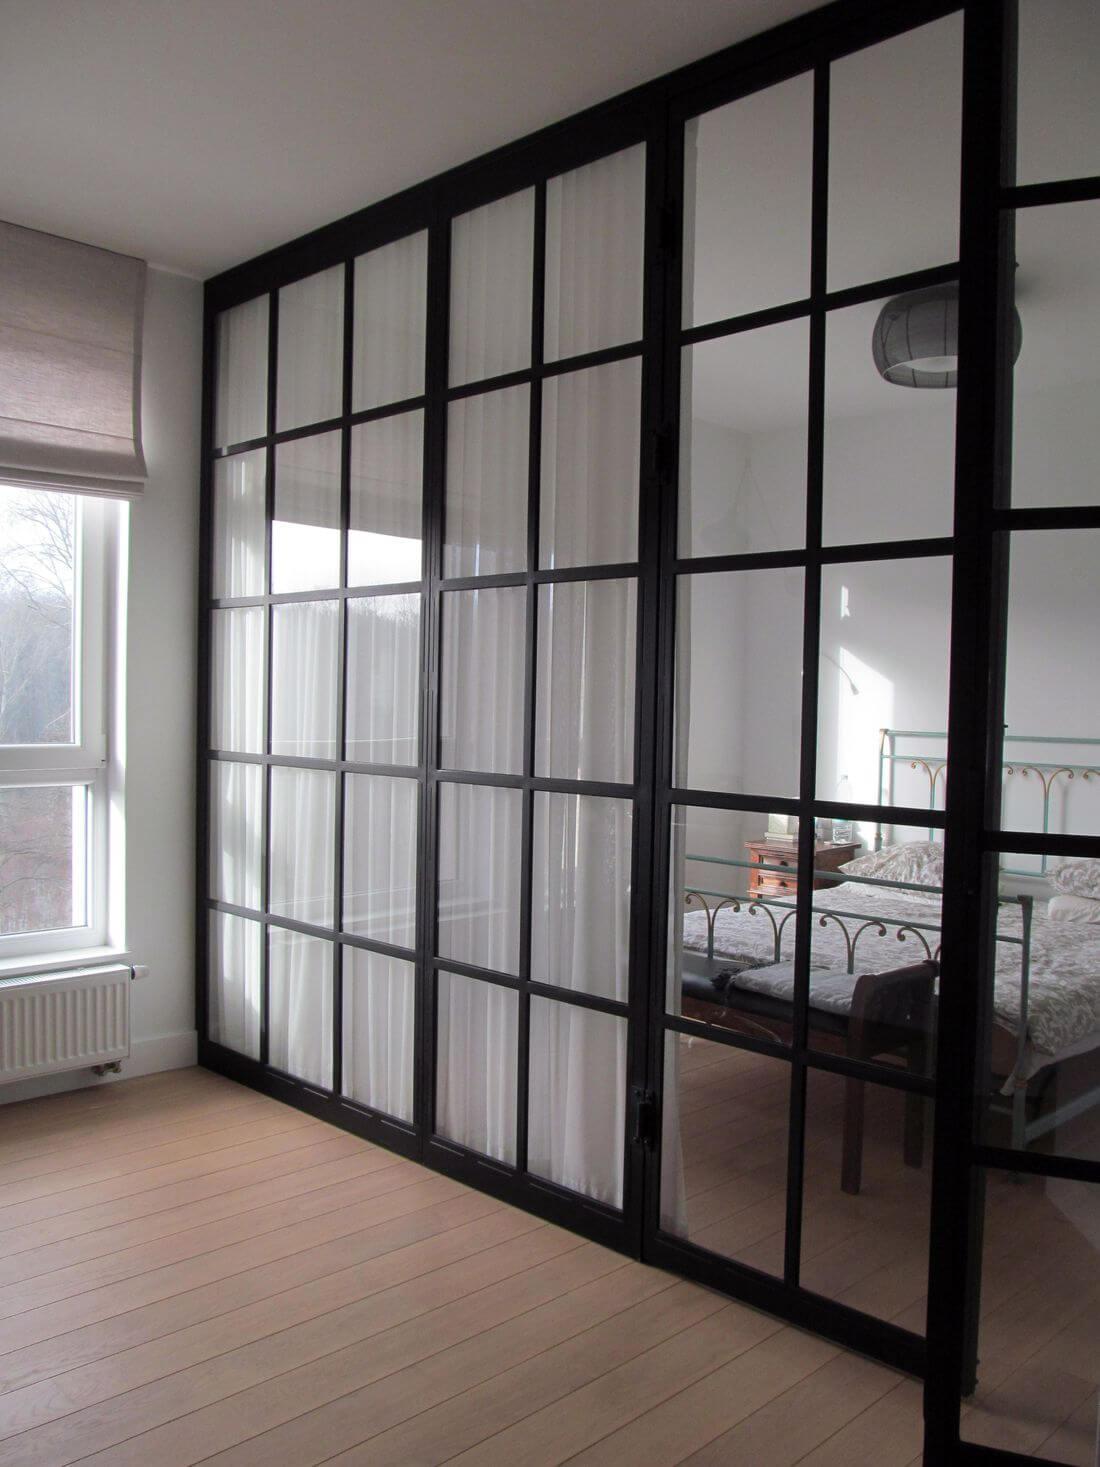 Puertas del vidrio de la casa y del apartamento y del dormitorio - metal negro relleno de vidrio transparente desde el suelo hasta el techo